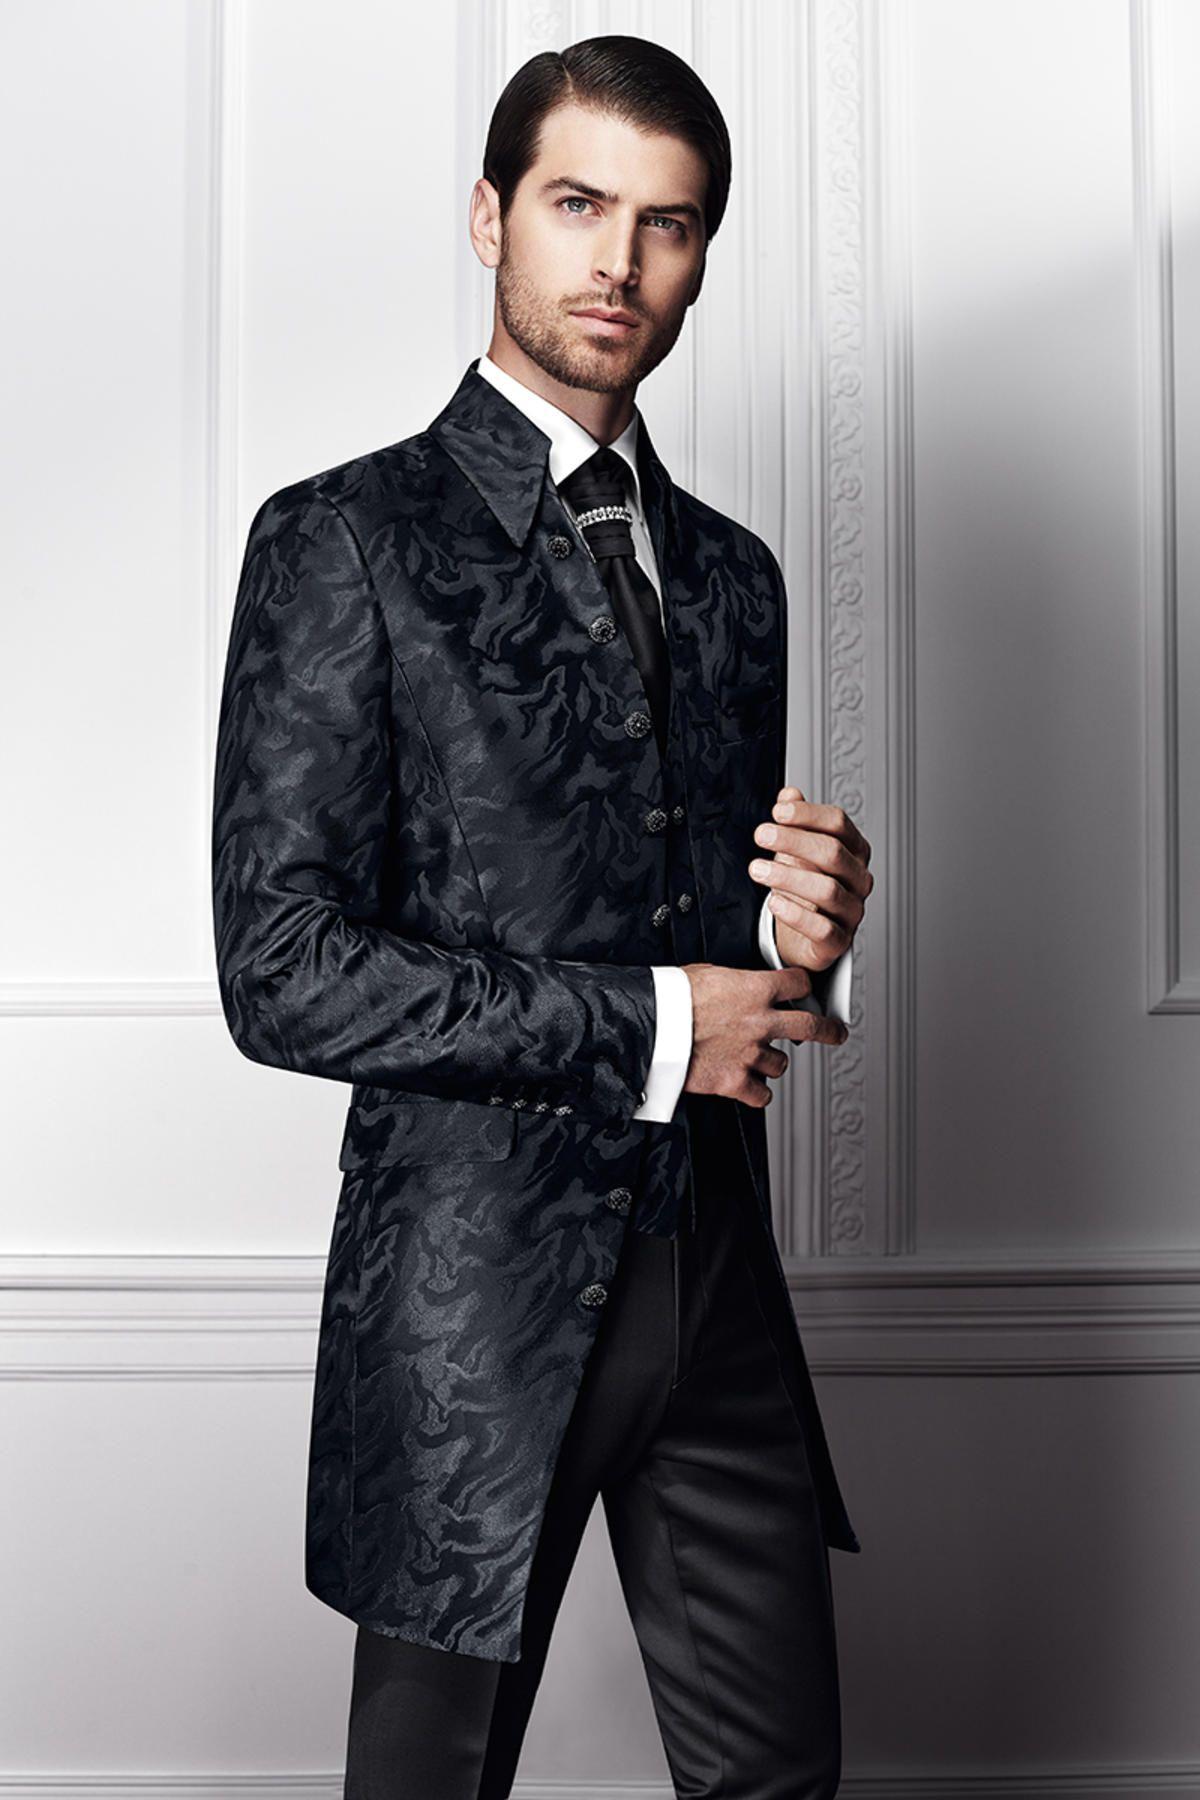 Quellbild anzeigen   Hochzeitsanzug, Hochzeit kleidung ...